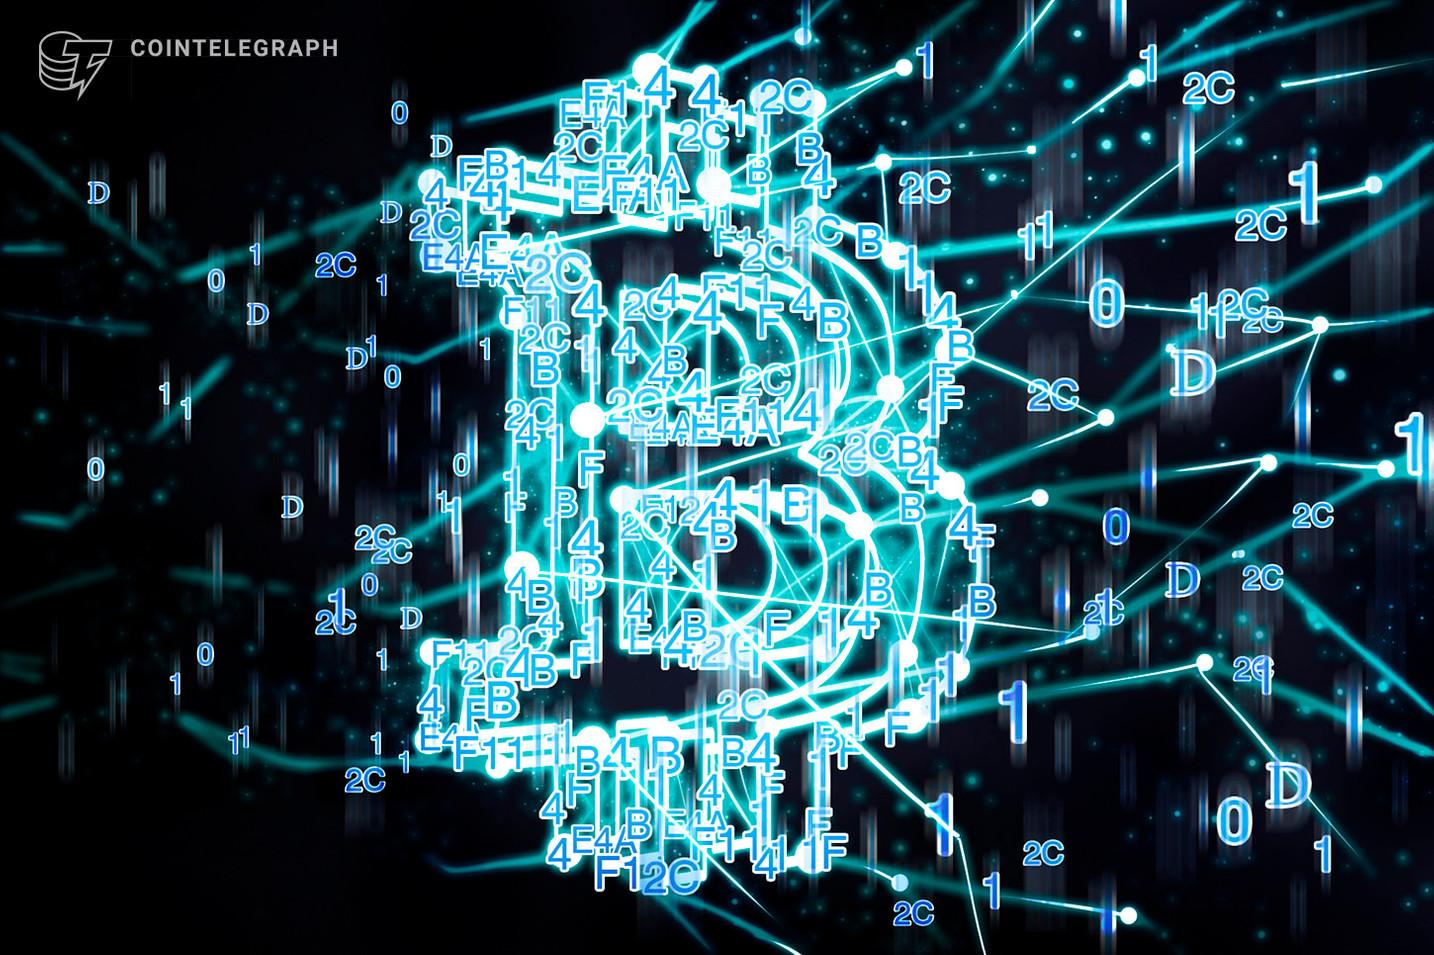 Les commerçants de Bitcoin se divisent sur 40 80 $ de chances alors que les altcoins envisagent des gains potentiels de «150% à XNUMX%»